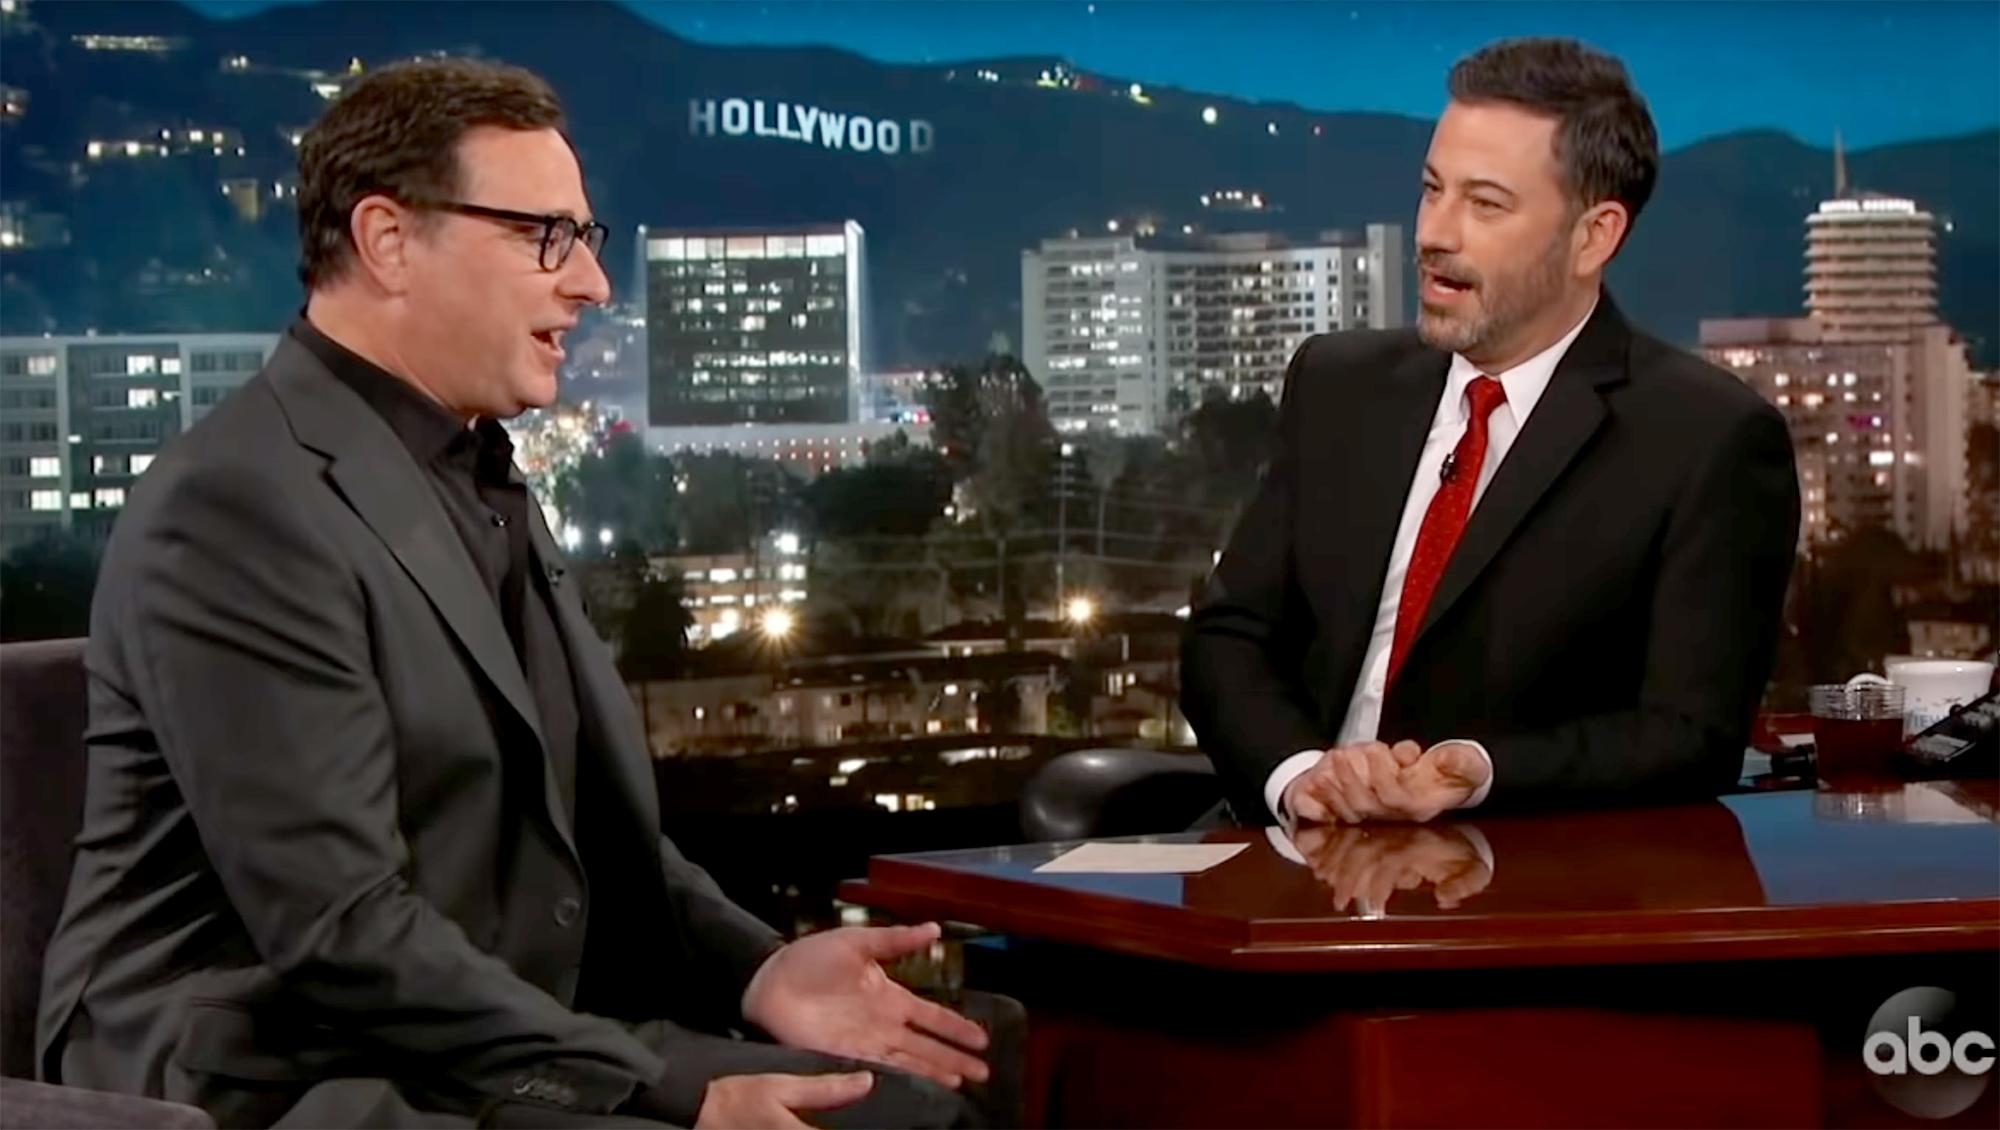 Jimmy Kimmel Ignores Lori Loughlin Scandal While Interviewing Bob Saget